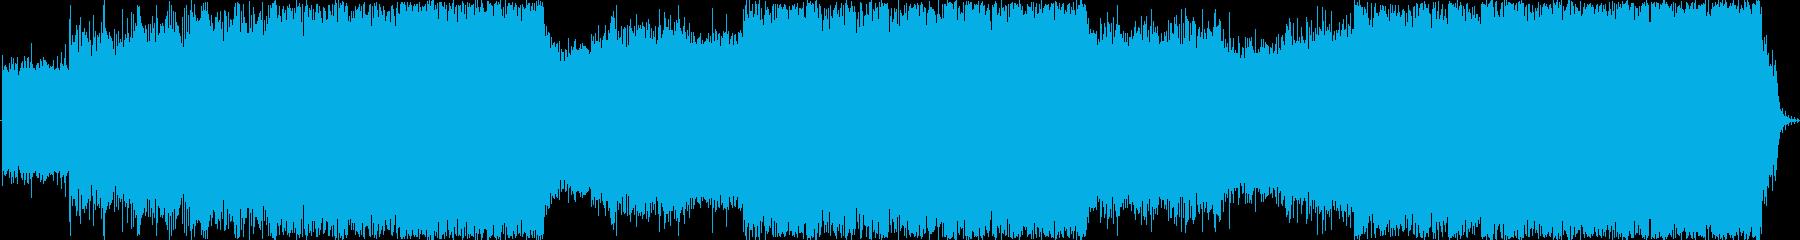 映画やゲームのBGMイメージです。の再生済みの波形